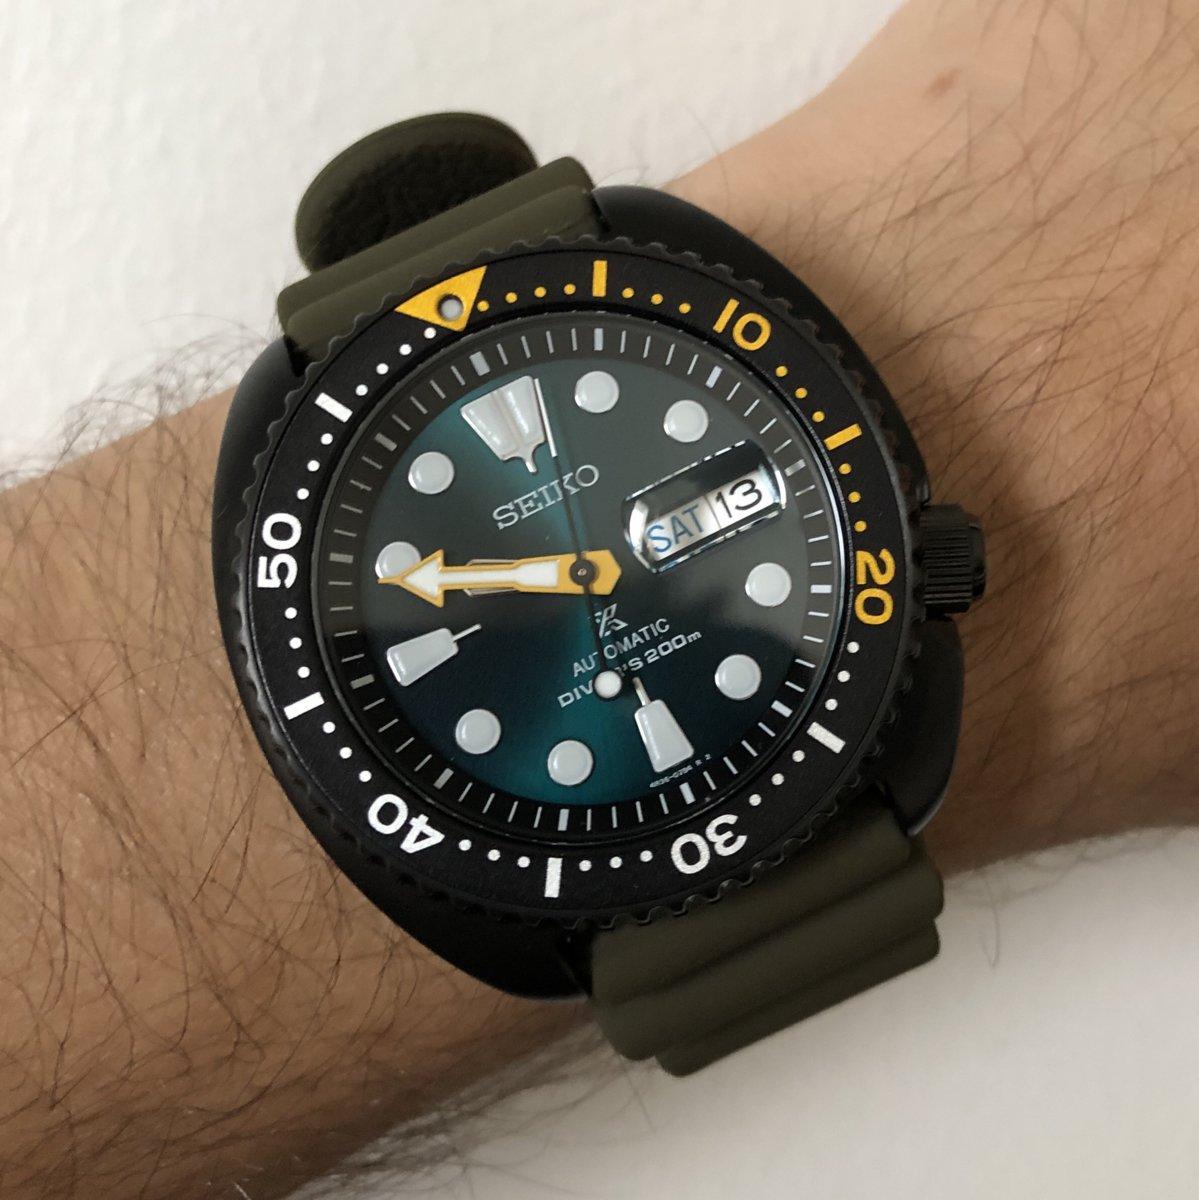 EDF9C43A-D4B2-4B09-8FBA-2647012AF587.